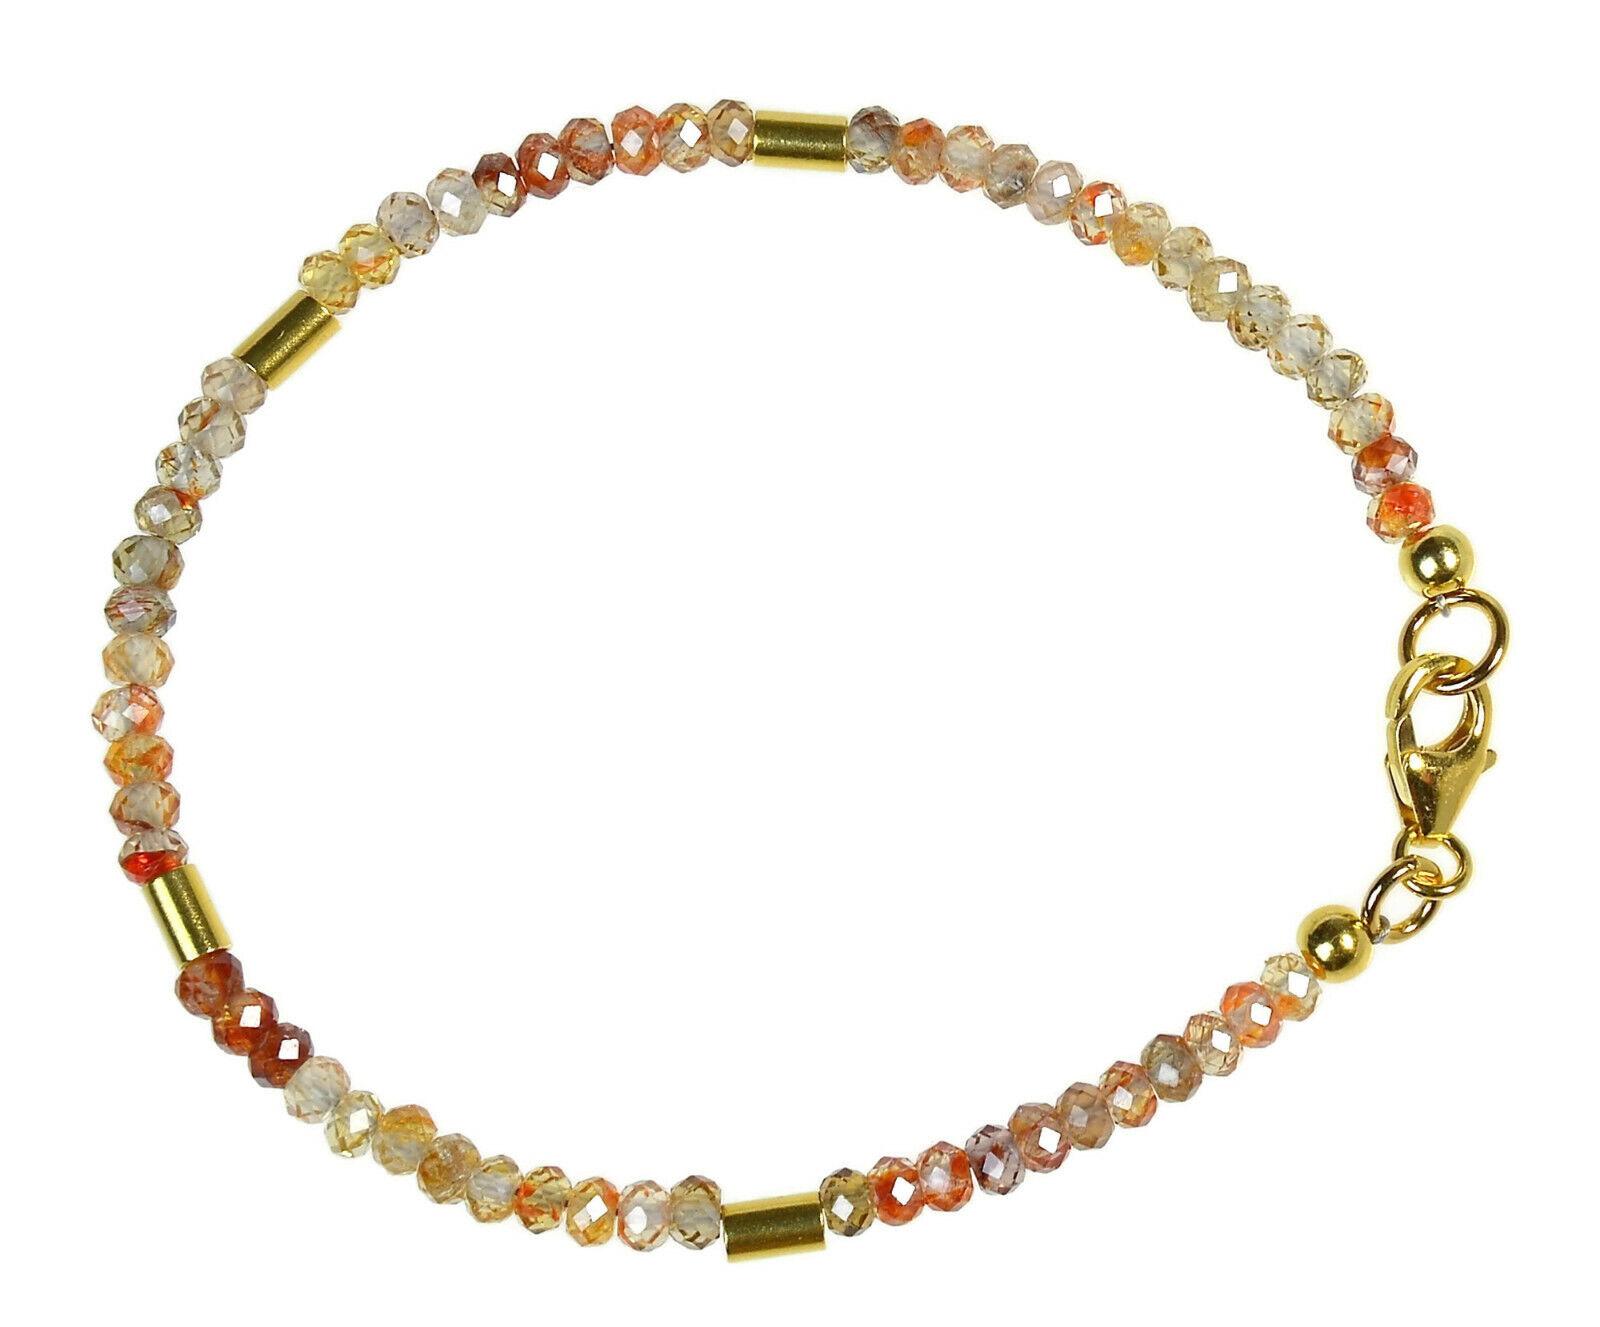 TANSANIT Armband 925 Silber vergoldet Armkette Z398